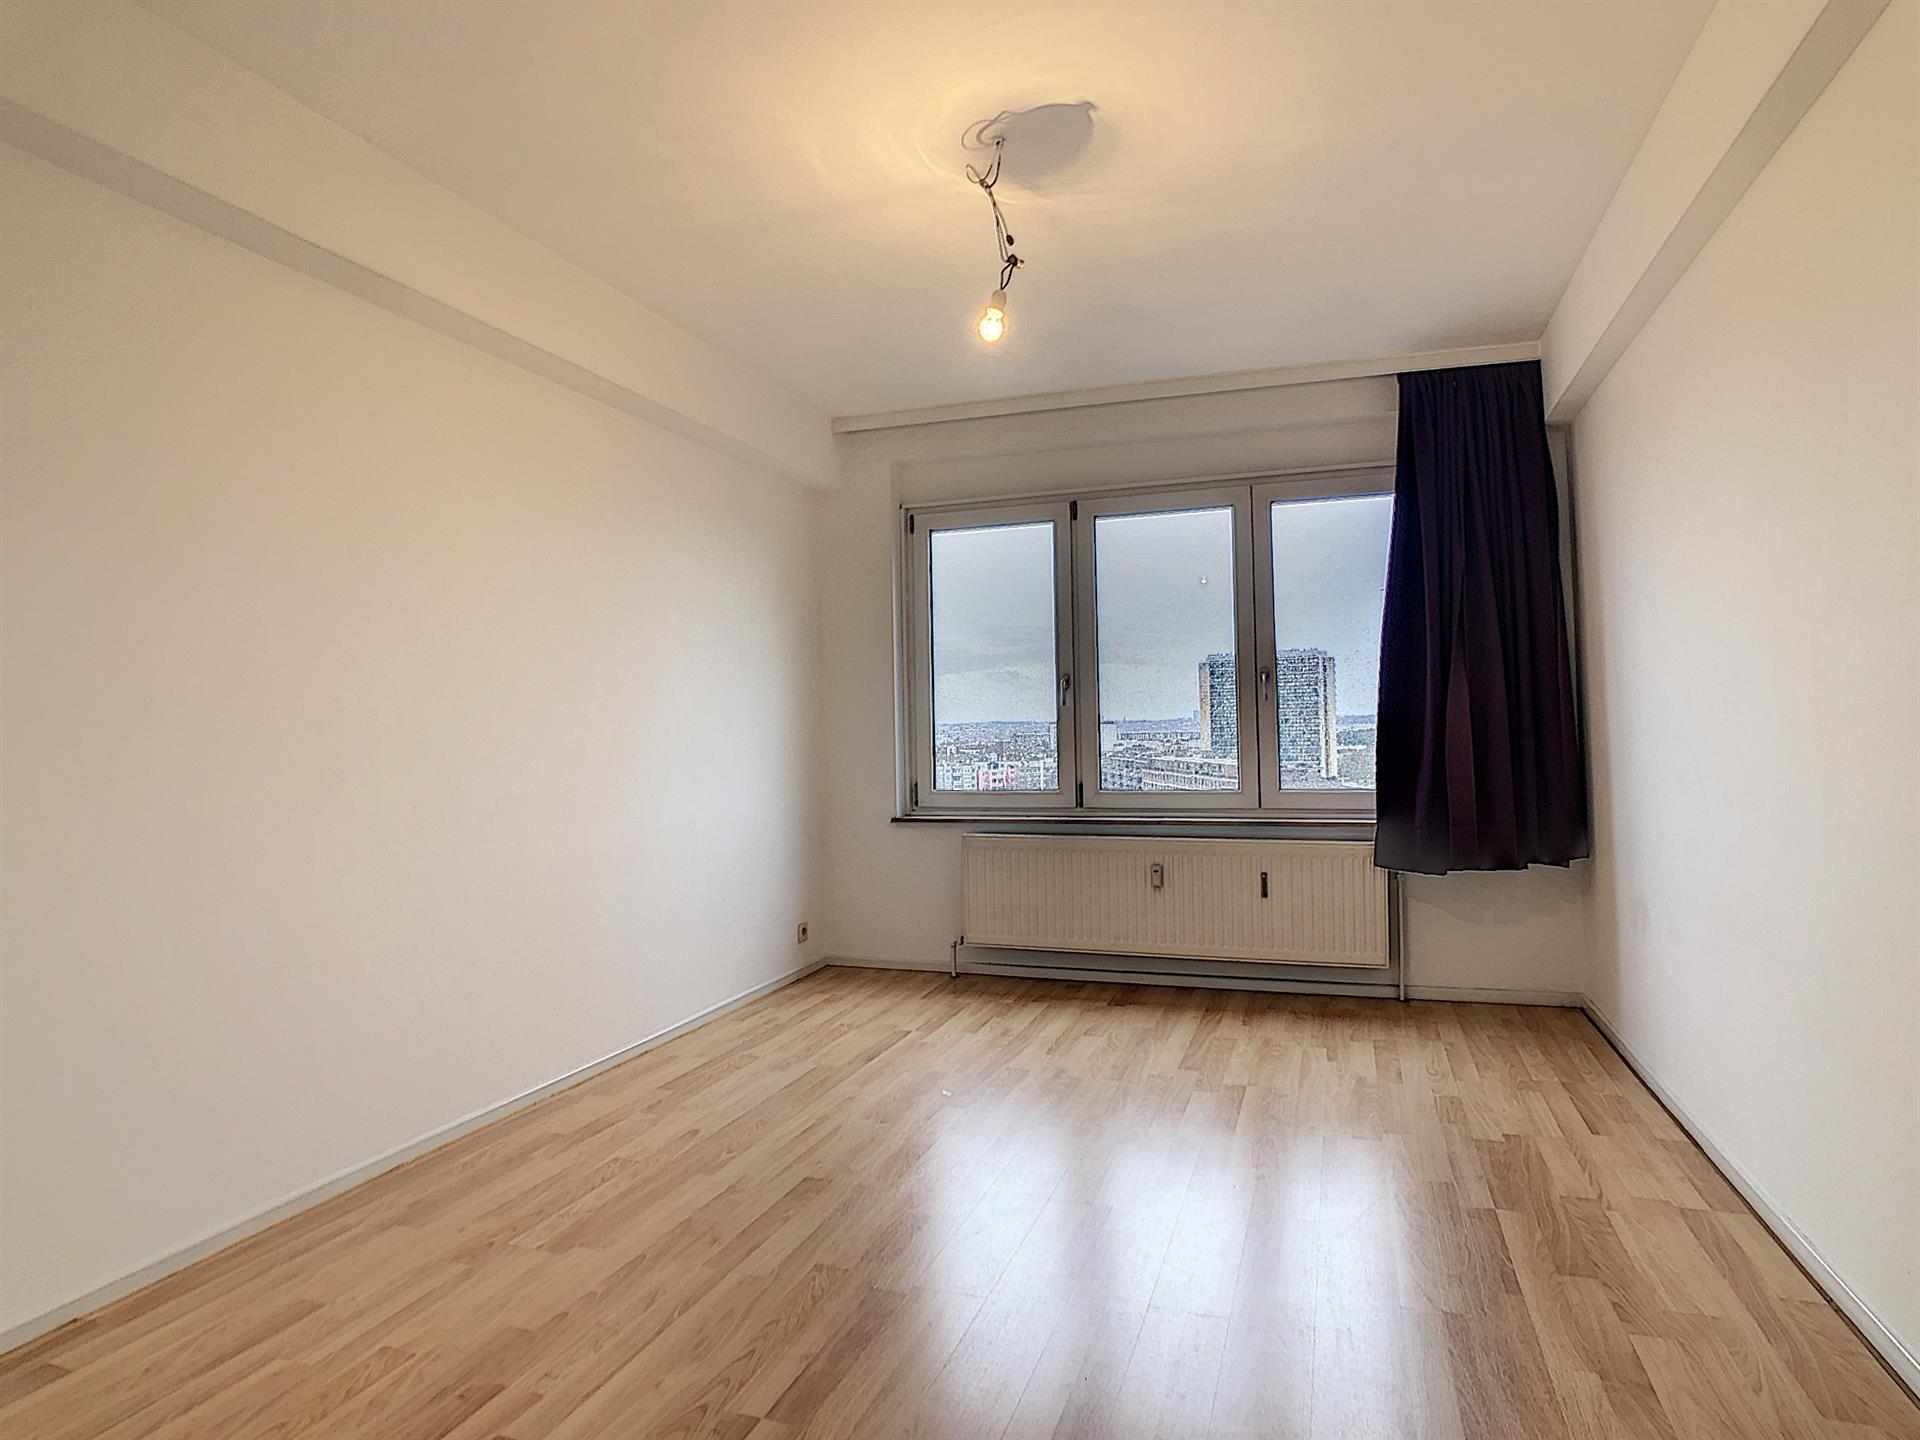 Appartement - Koekelberg - #4236930-4